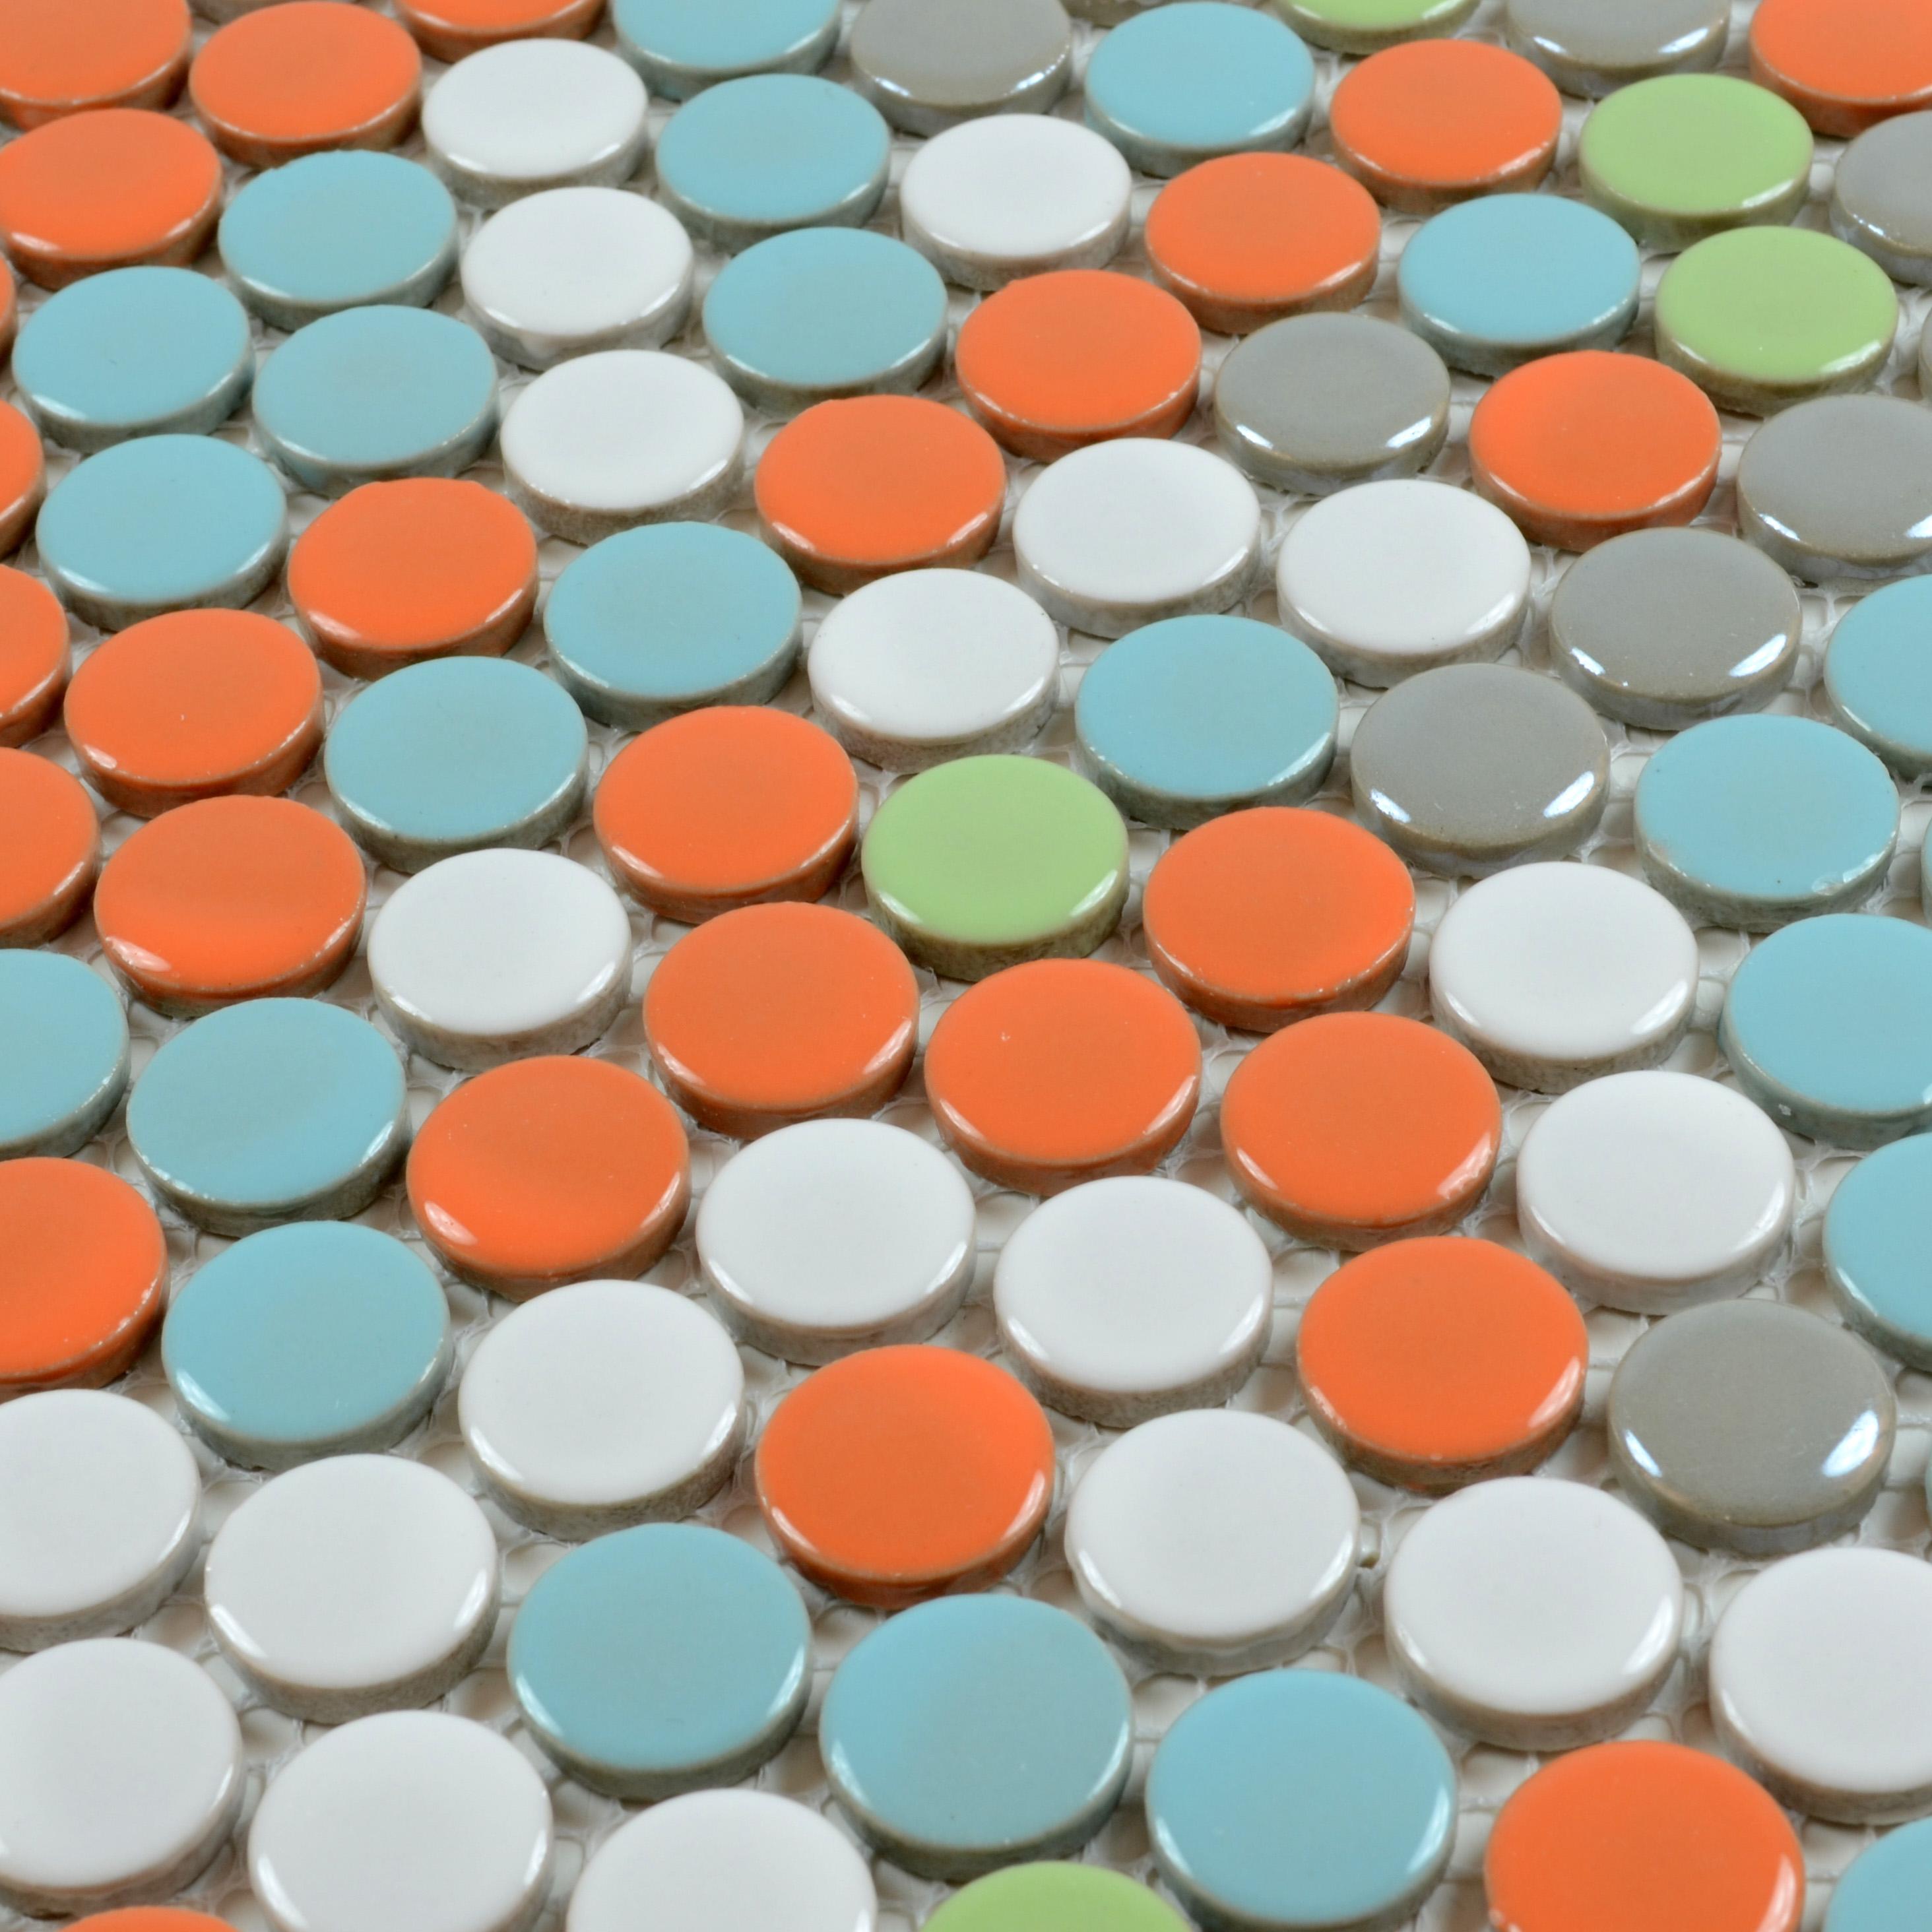 Wholesales Porcelain Round Mosaic Tiles Design Porcelain